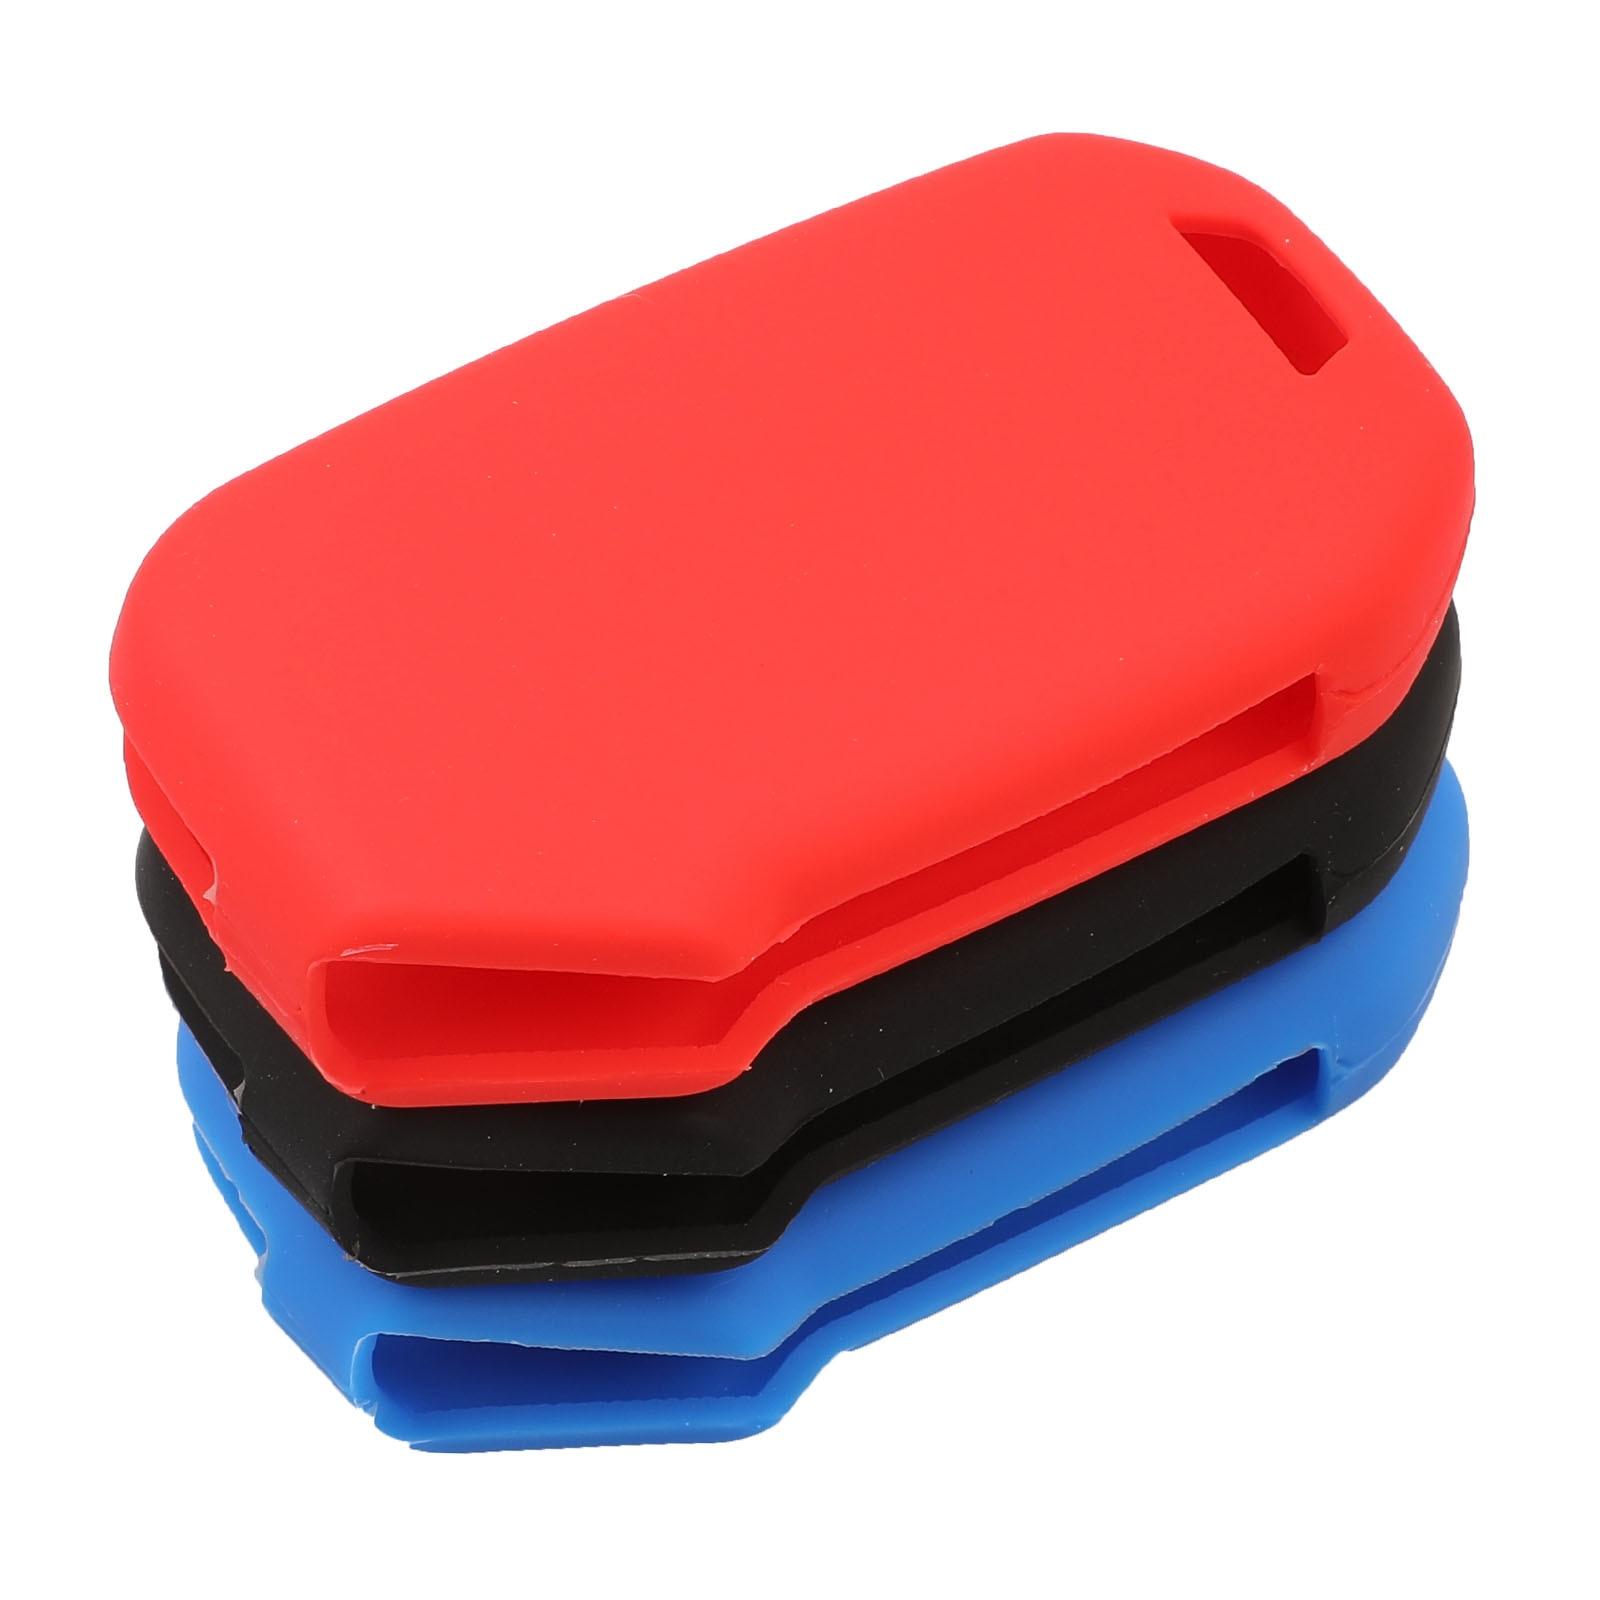 Remote Key Cover for Kia Sportage Ceed Sorento Cerato Forte Silicone Fob Shell Cover Skin Holder 2017 2018 2019